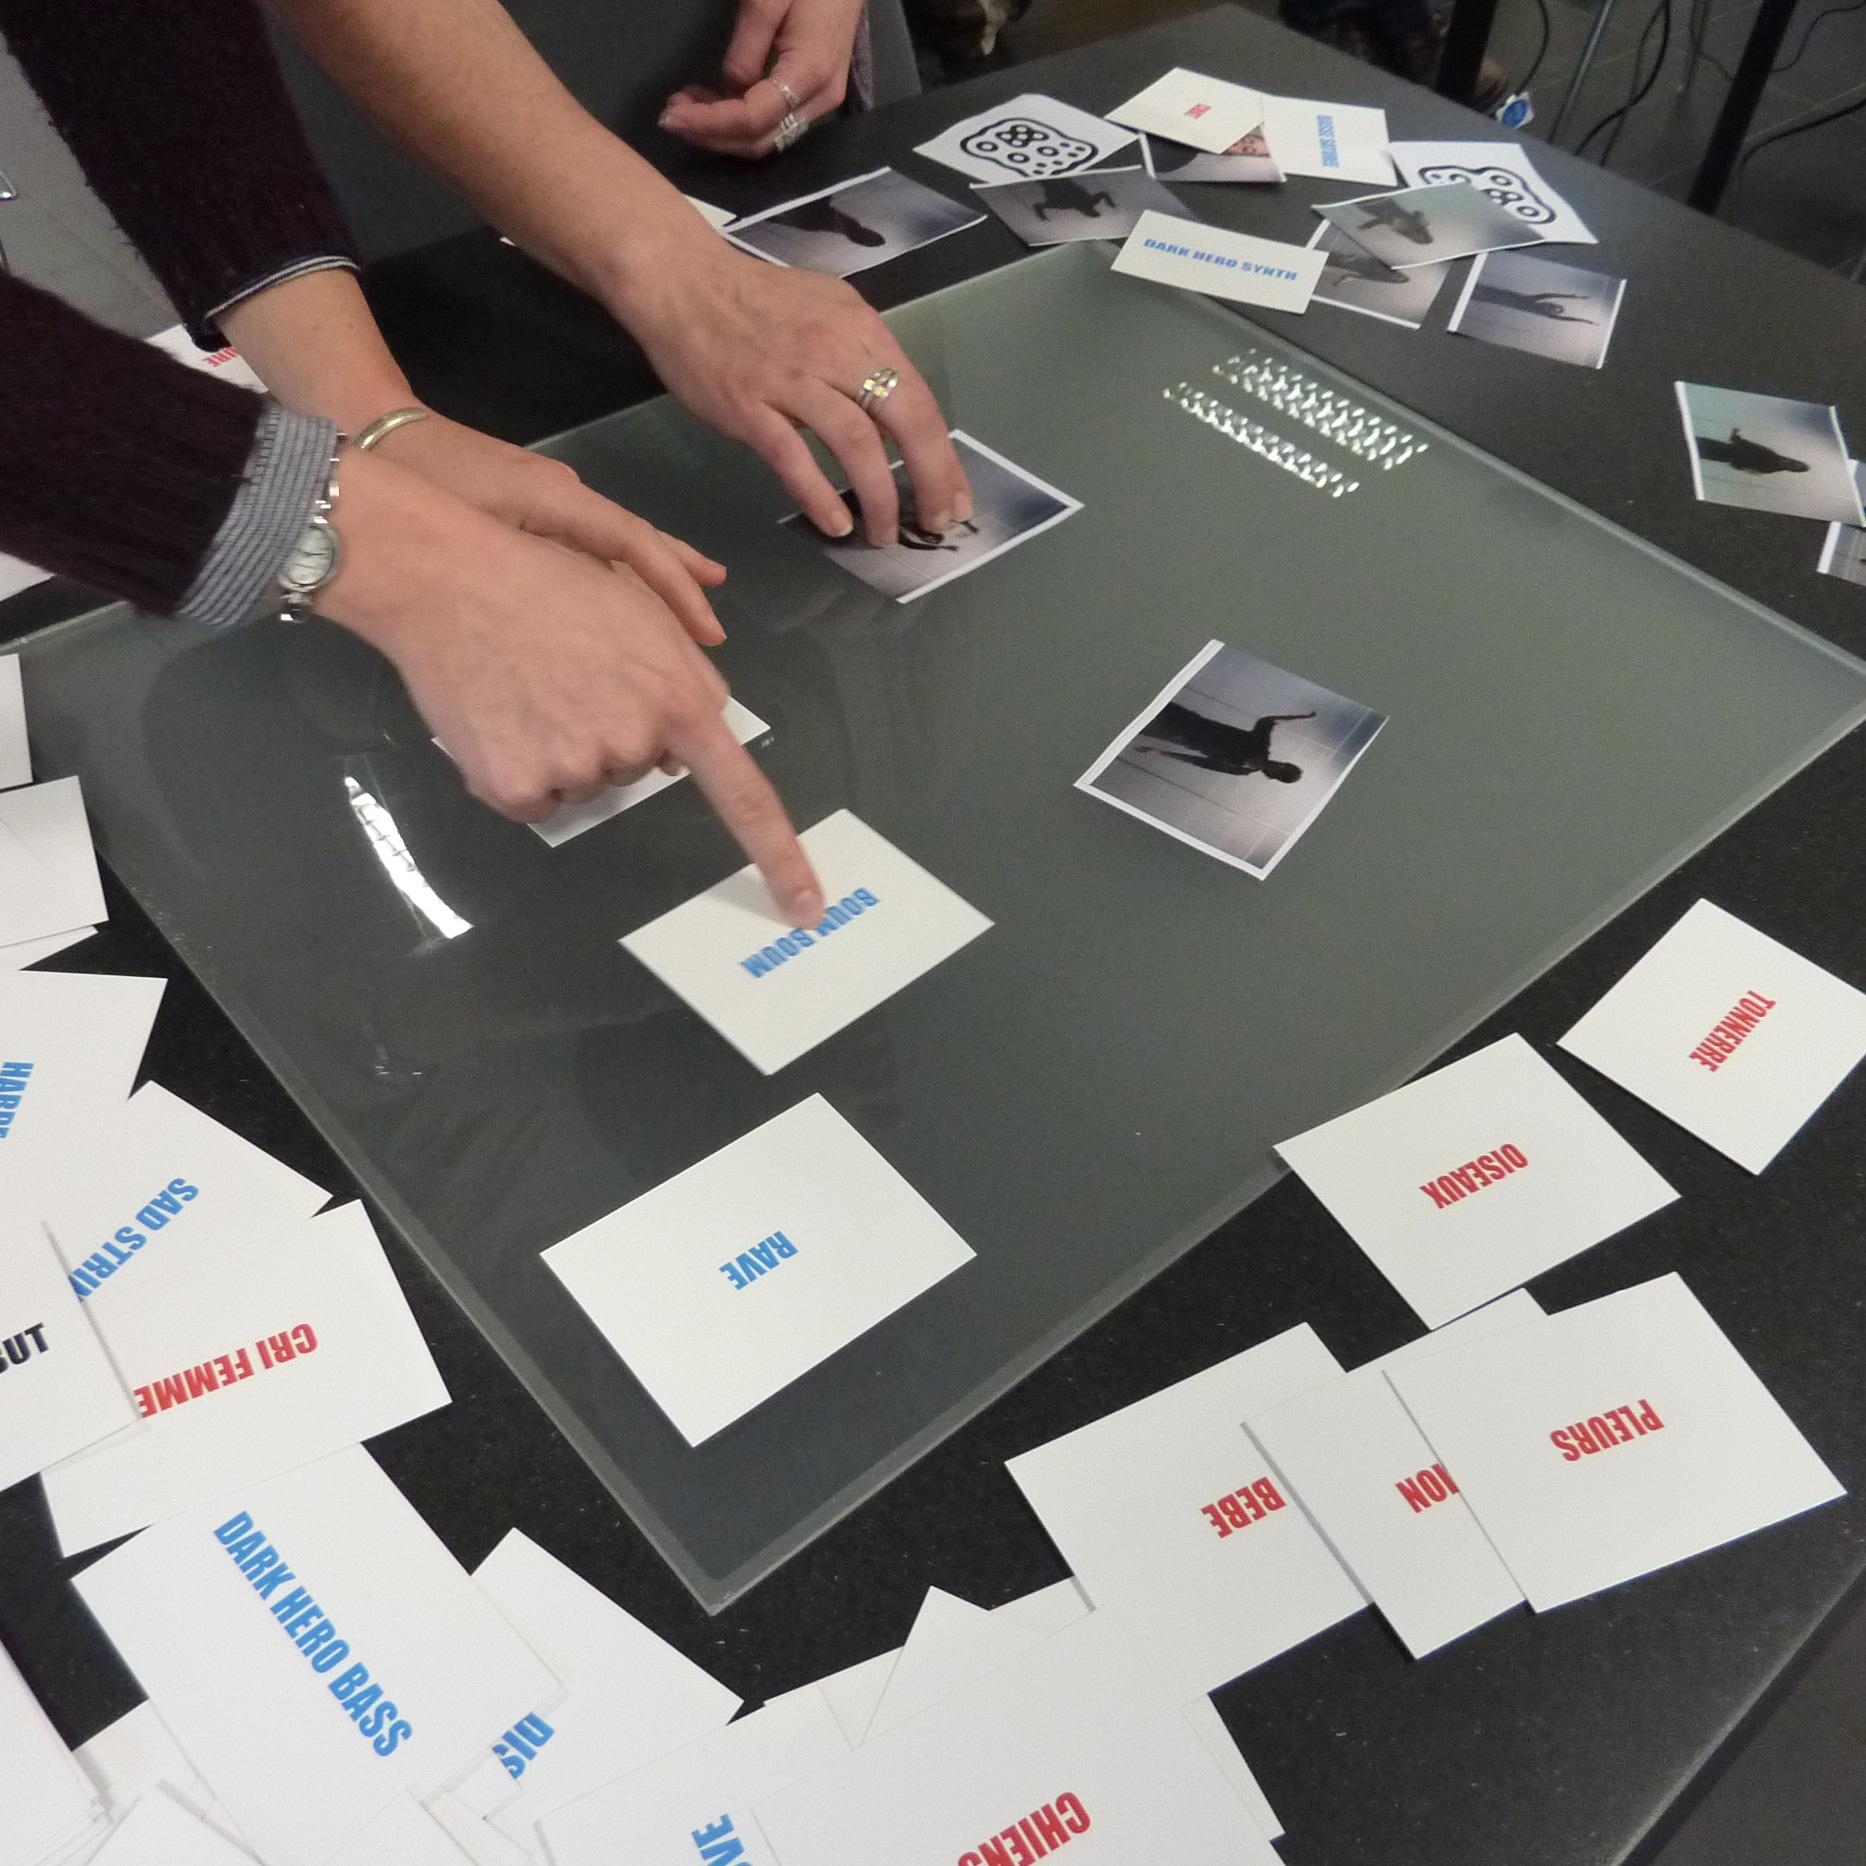 Le montage ludique, intuitif et collaboratif, avec la Table MashUp